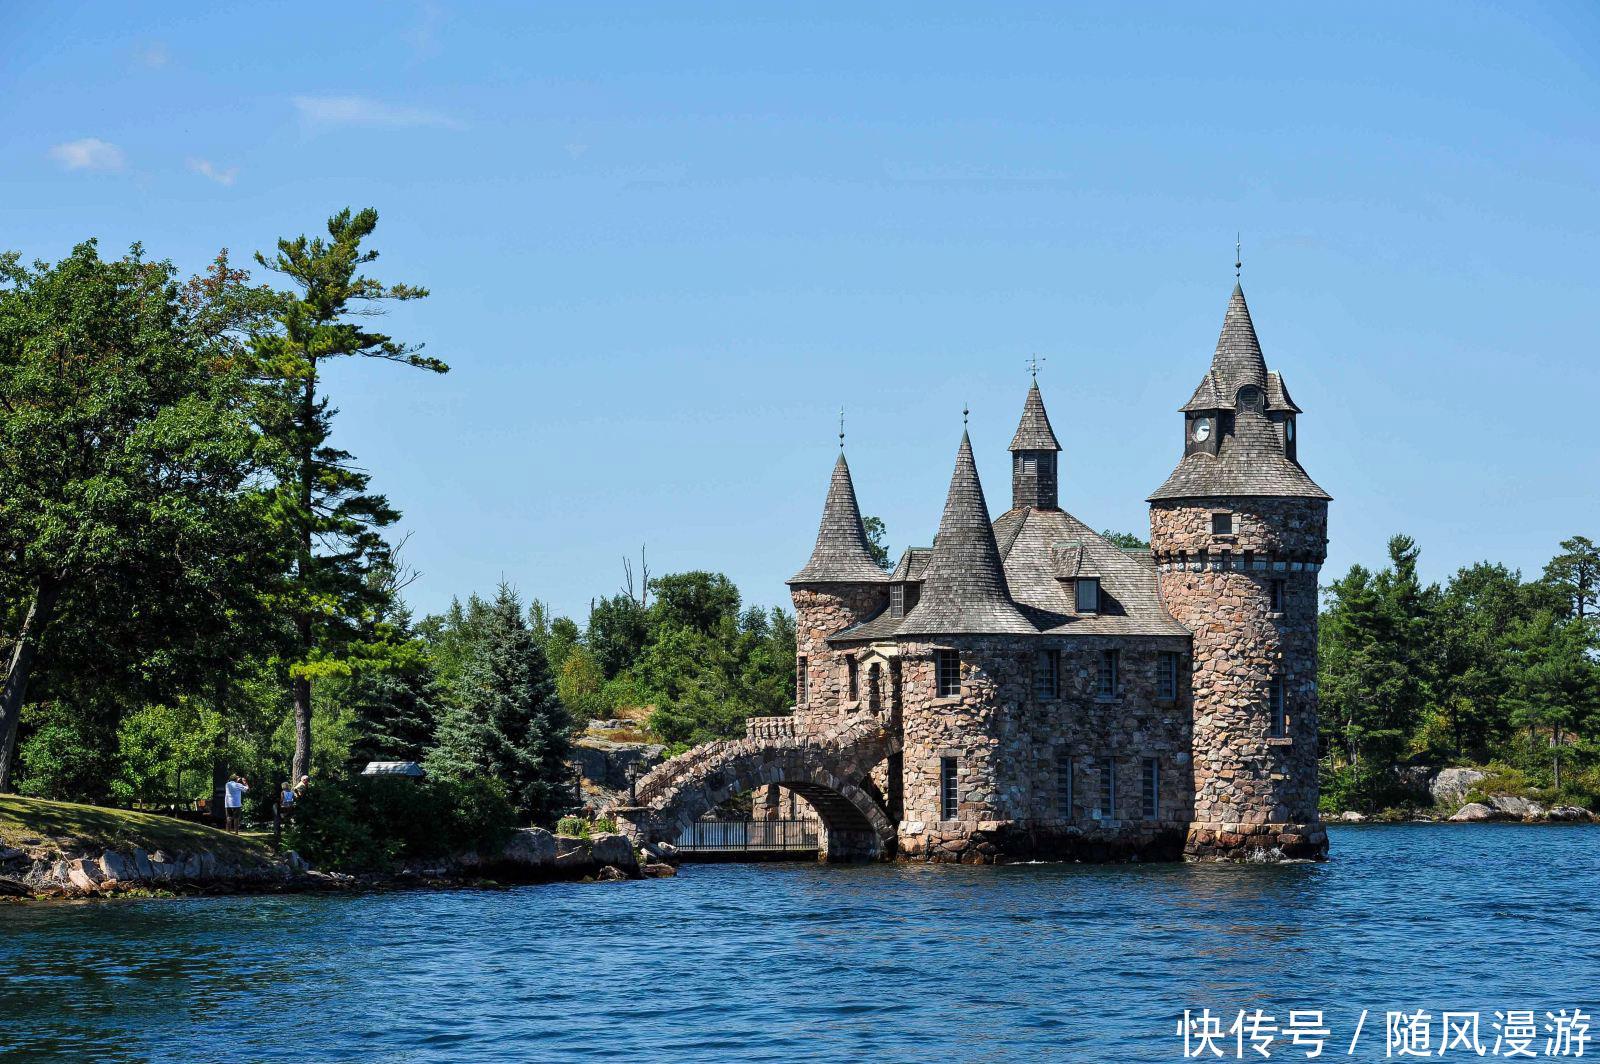 加拿大旅行管家|和你一起尽览千岛湖的美